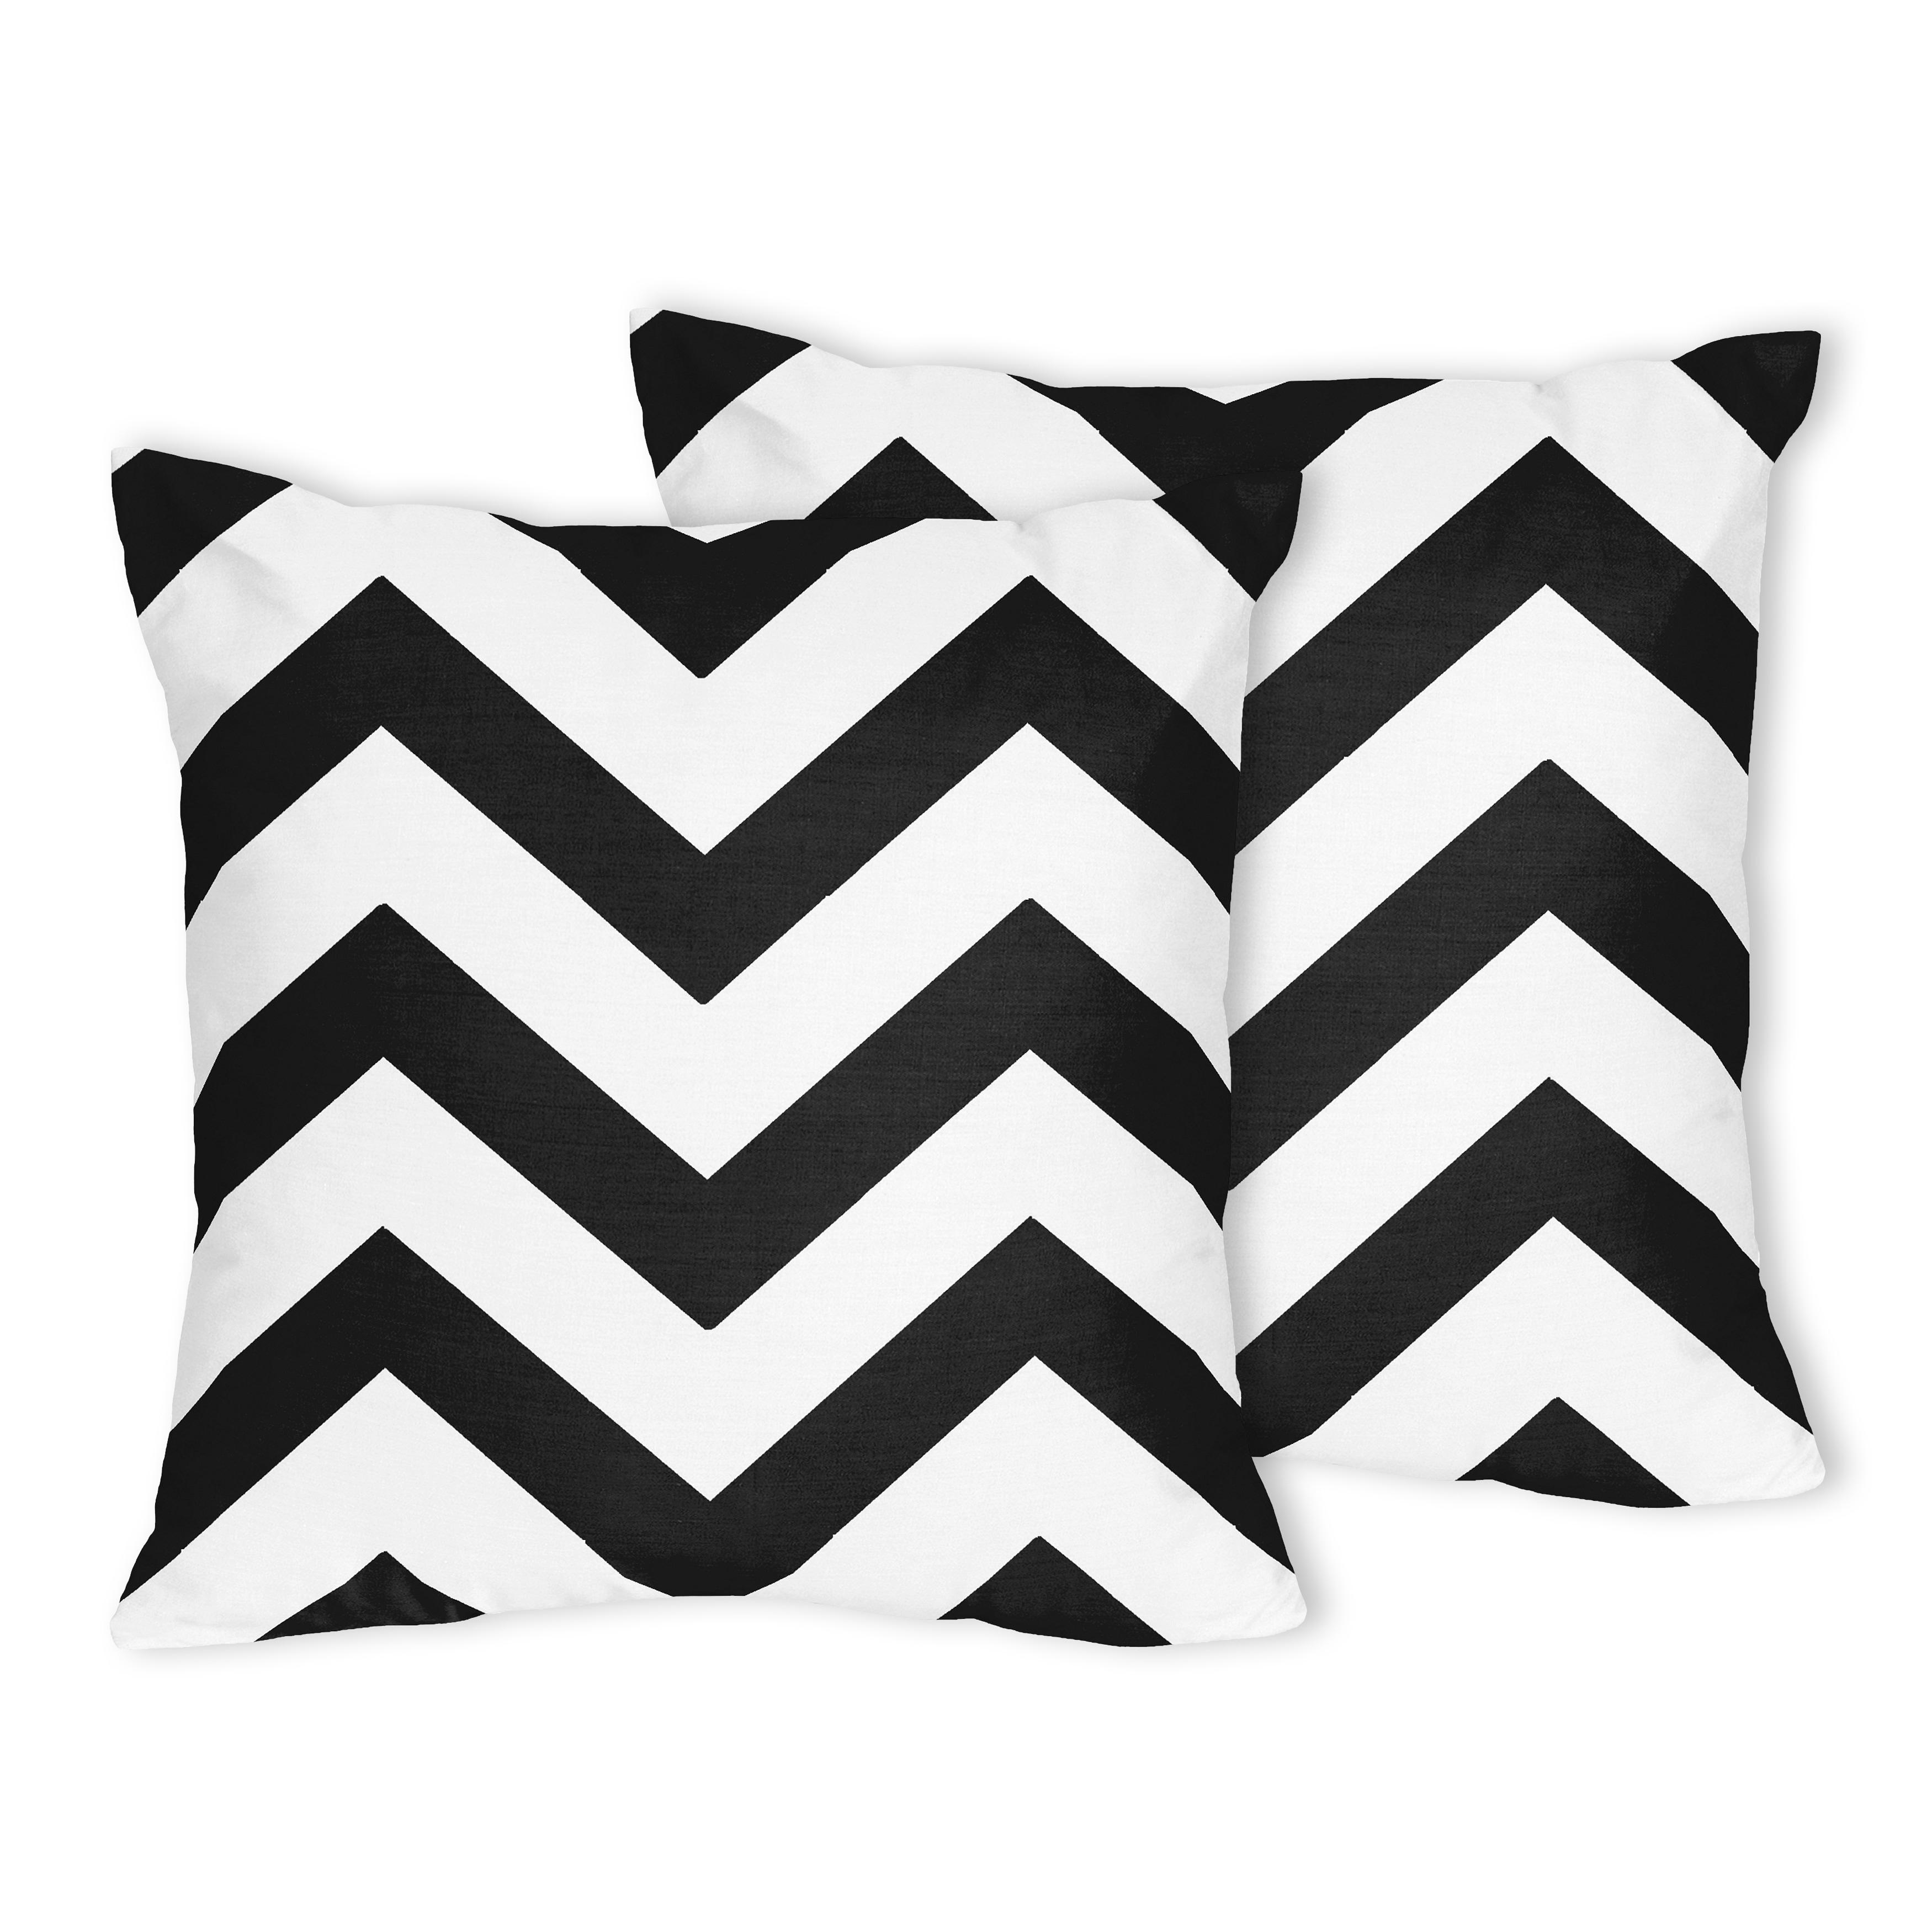 Sweet Jojo Designs Zig Zag Black and White Chevron Throw Pillows ...